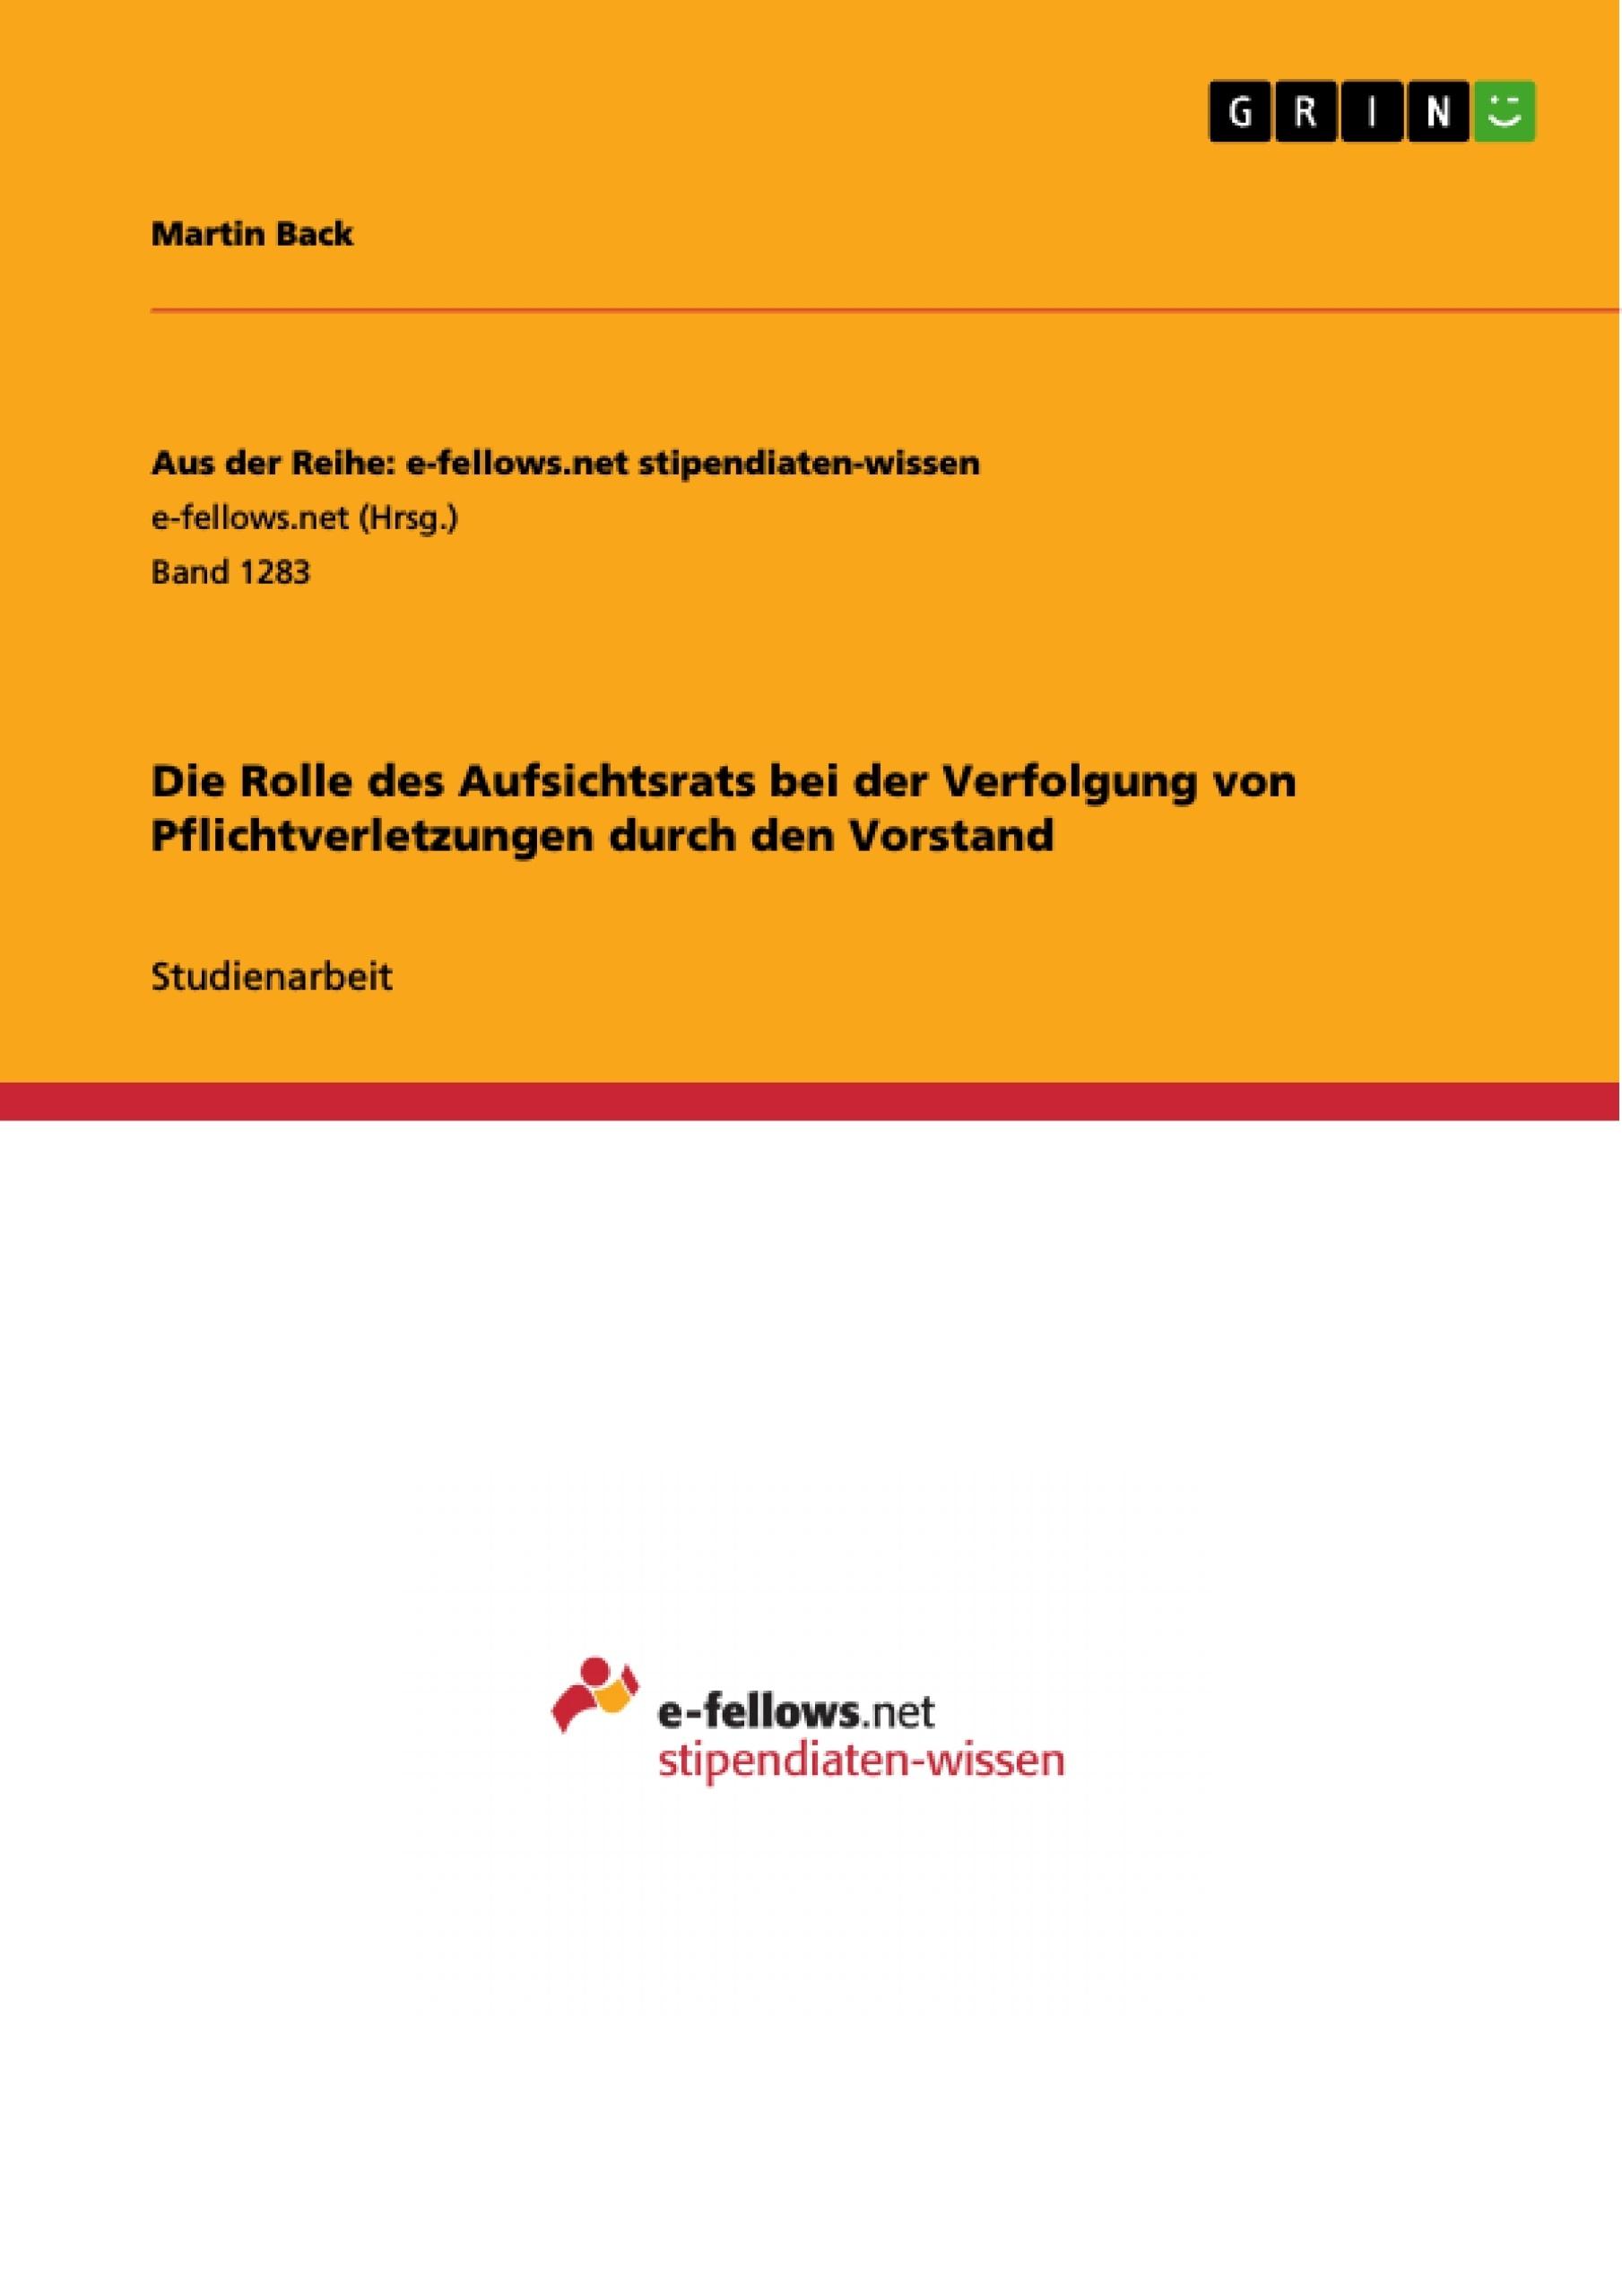 Titel: Die Rolle des Aufsichtsrats bei der Verfolgung von Pflichtverletzungen durch den Vorstand